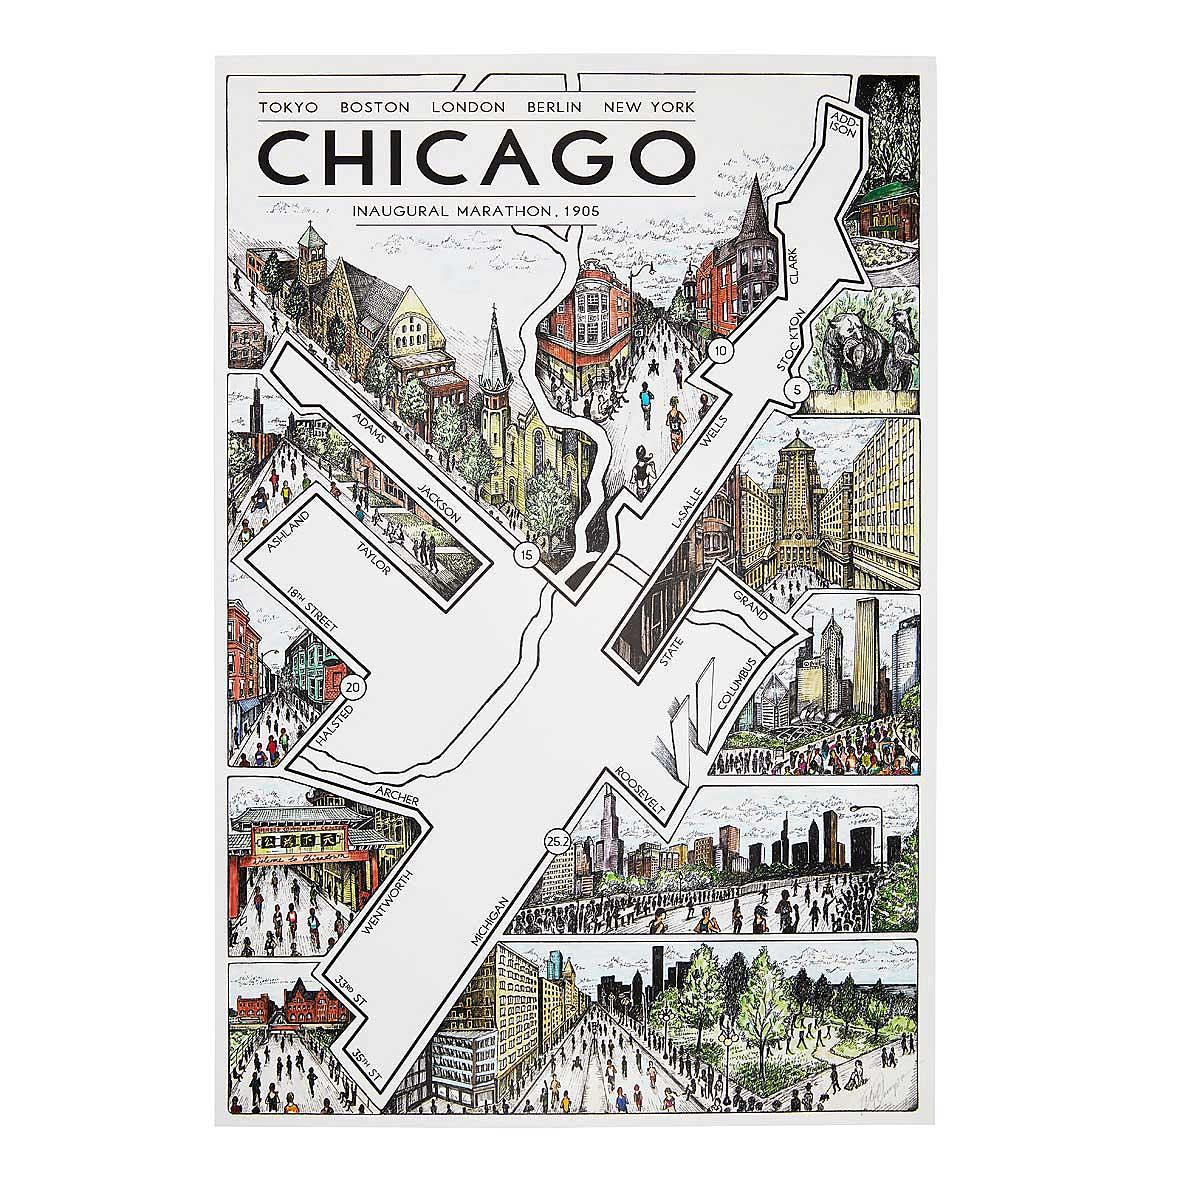 Chicago Marathon Map Chicago Marathon Artwork Route Map - Chicago marathon map 2016